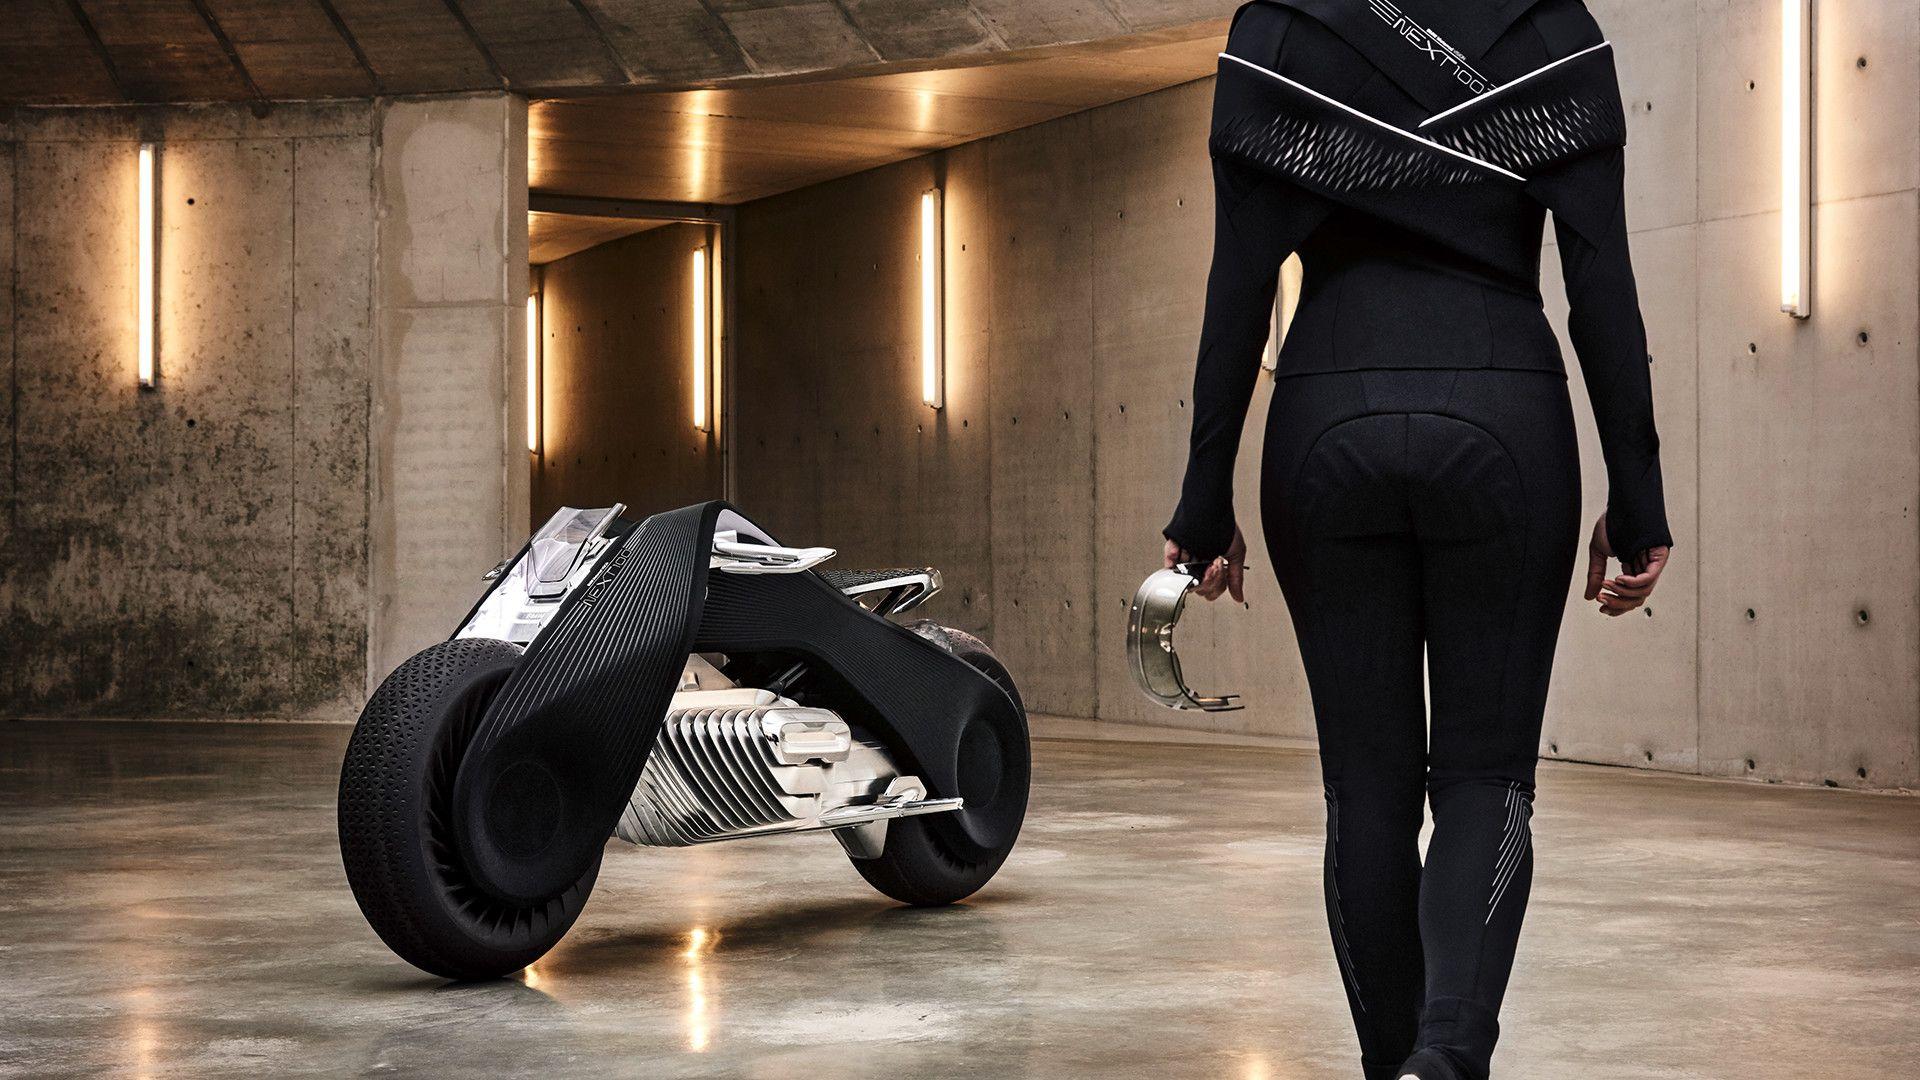 Bmw Motorrad Weihnachtsgrüße.Kann Nicht Umkippen Bmw Zeigt Motorrad Der Zukunft